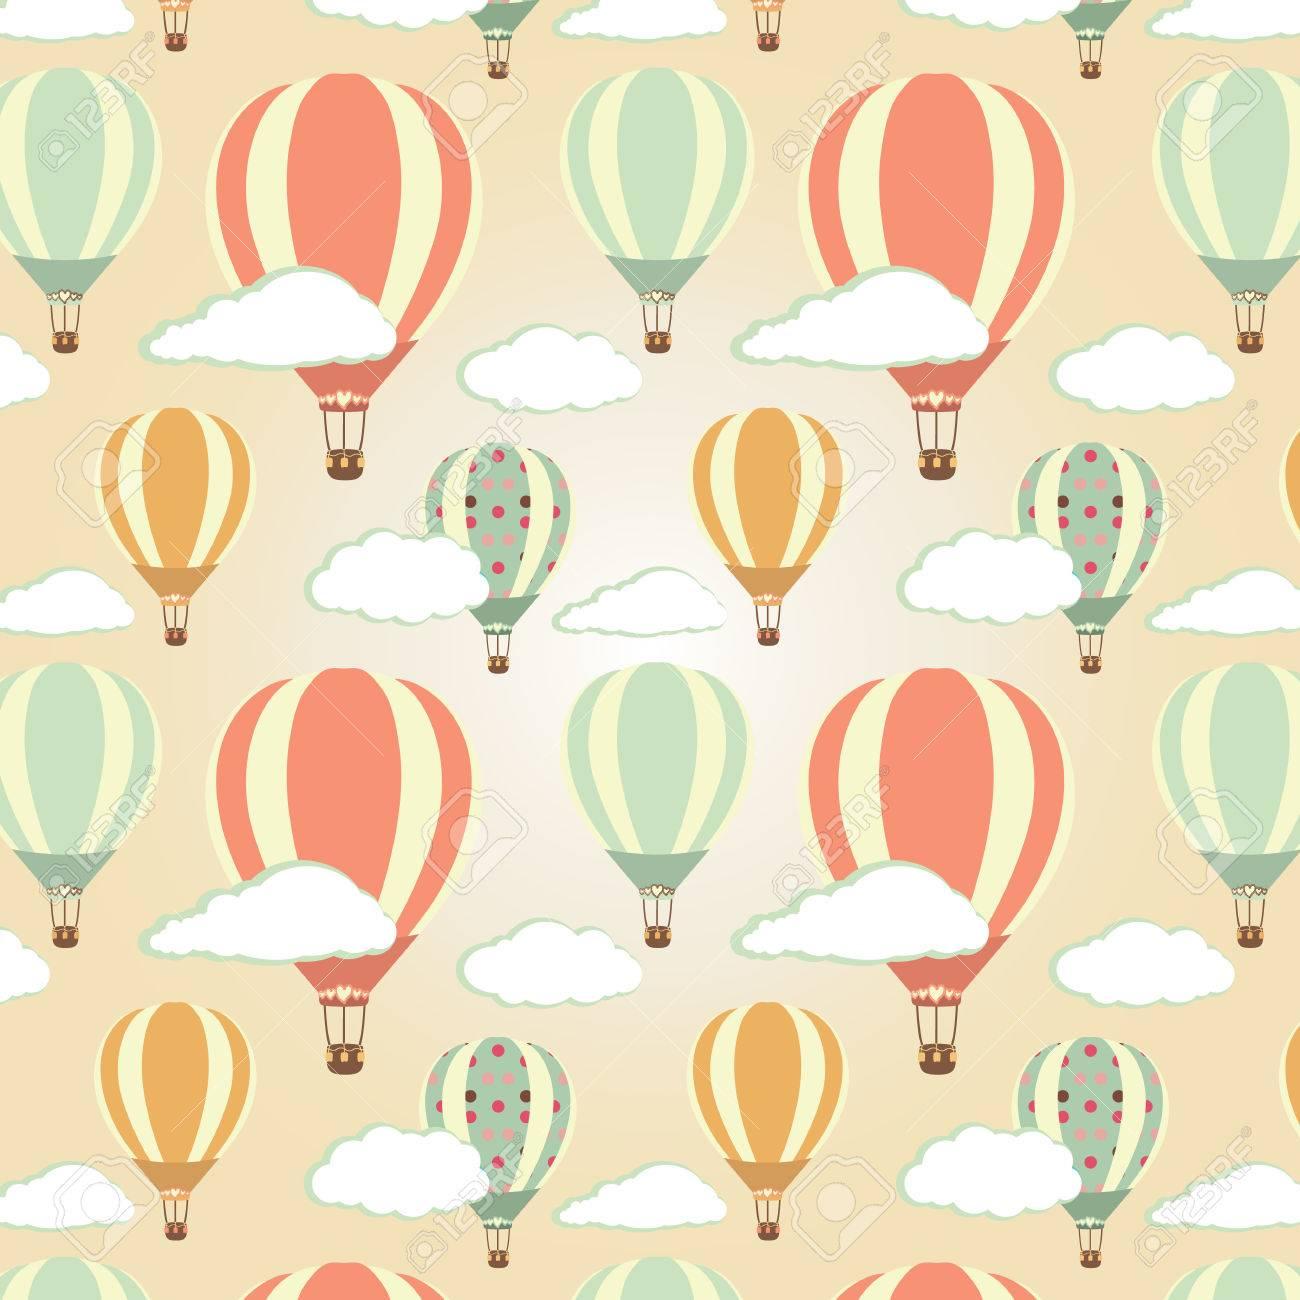 Hot air balloons pattern. Vector illustration - 27536066